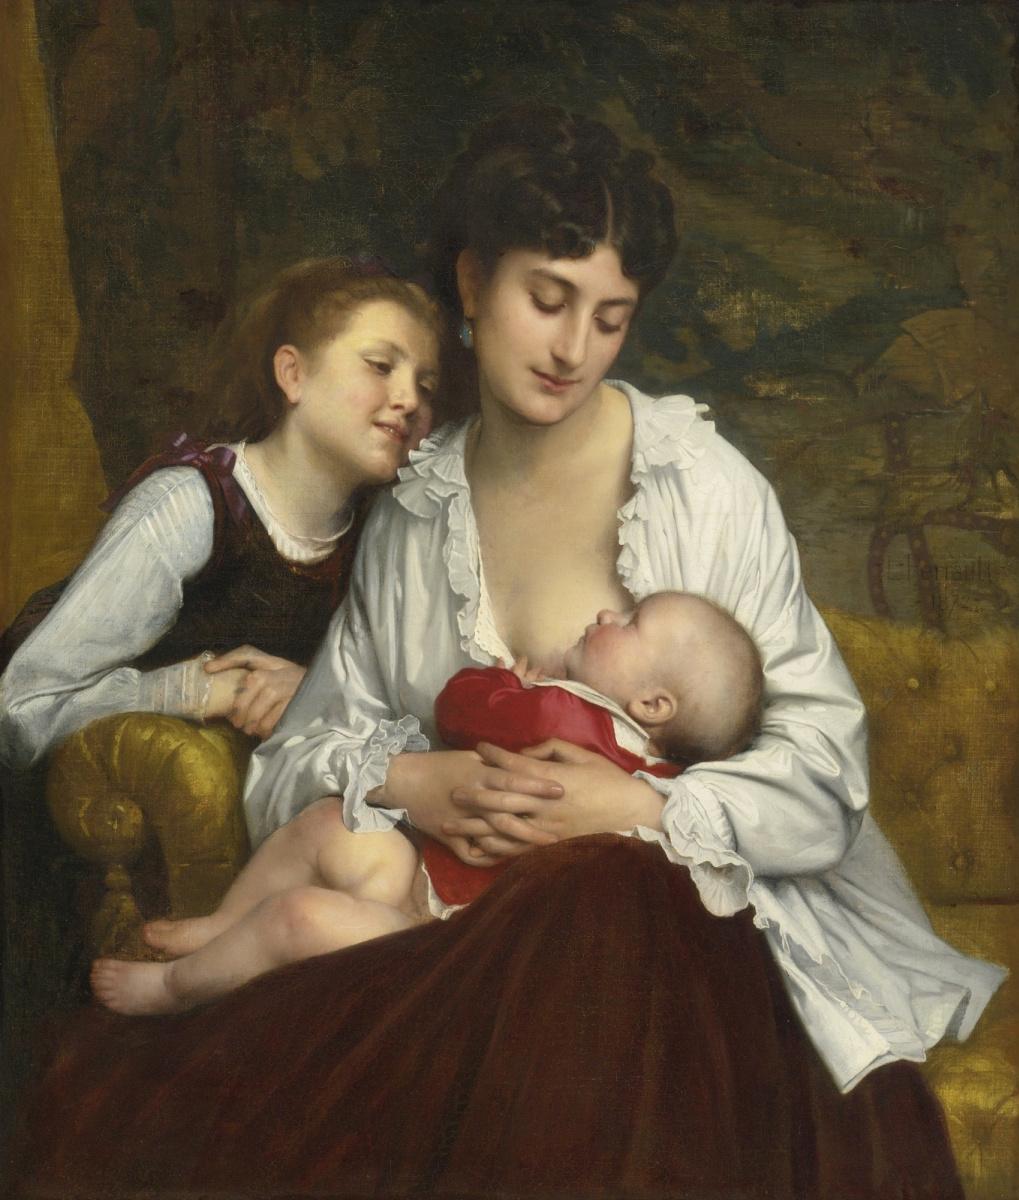 Леон Базиль Перро Франция 1832-1908. Материнская любовь.  1872